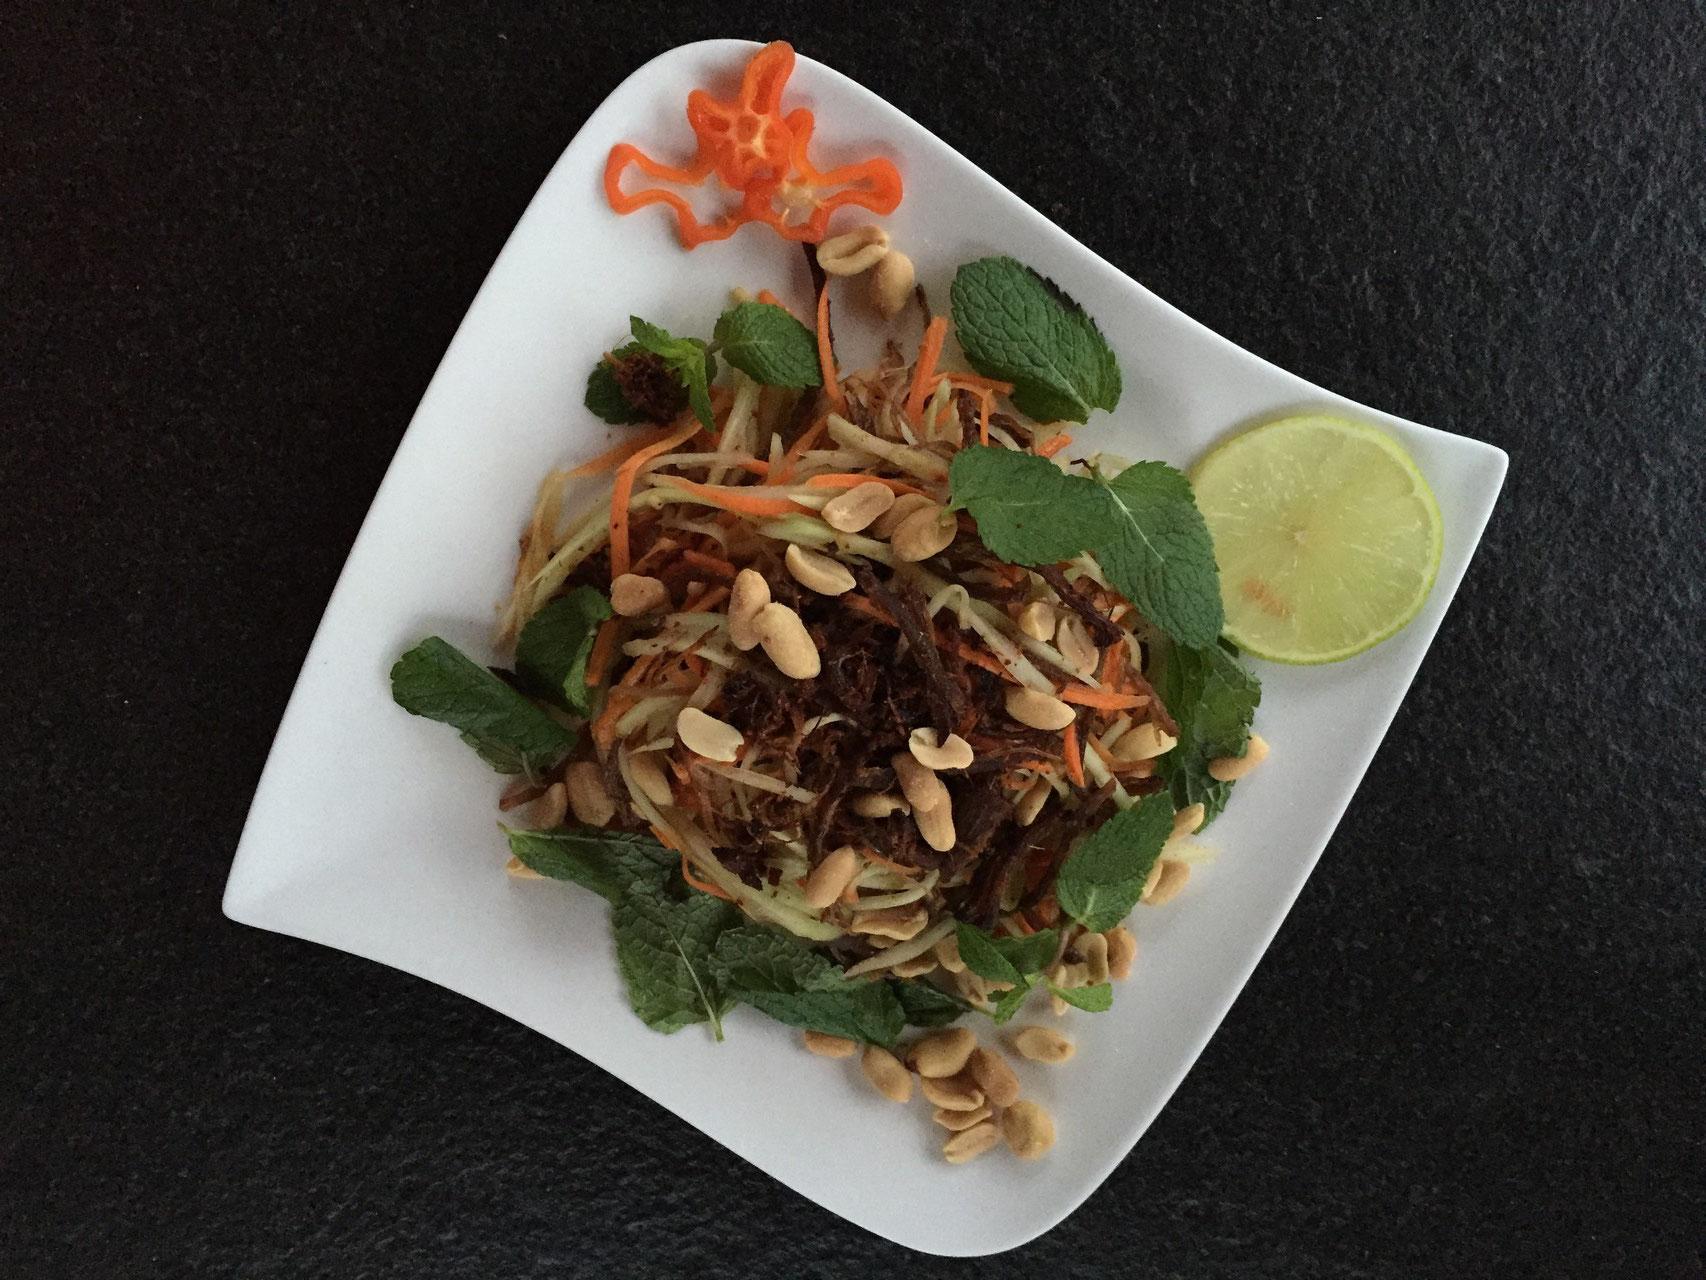 Goi Thu Du thit Bo kho - Papayasalat mit getrocknete Rindfleisch und frisch vietnamesische Kräuter.